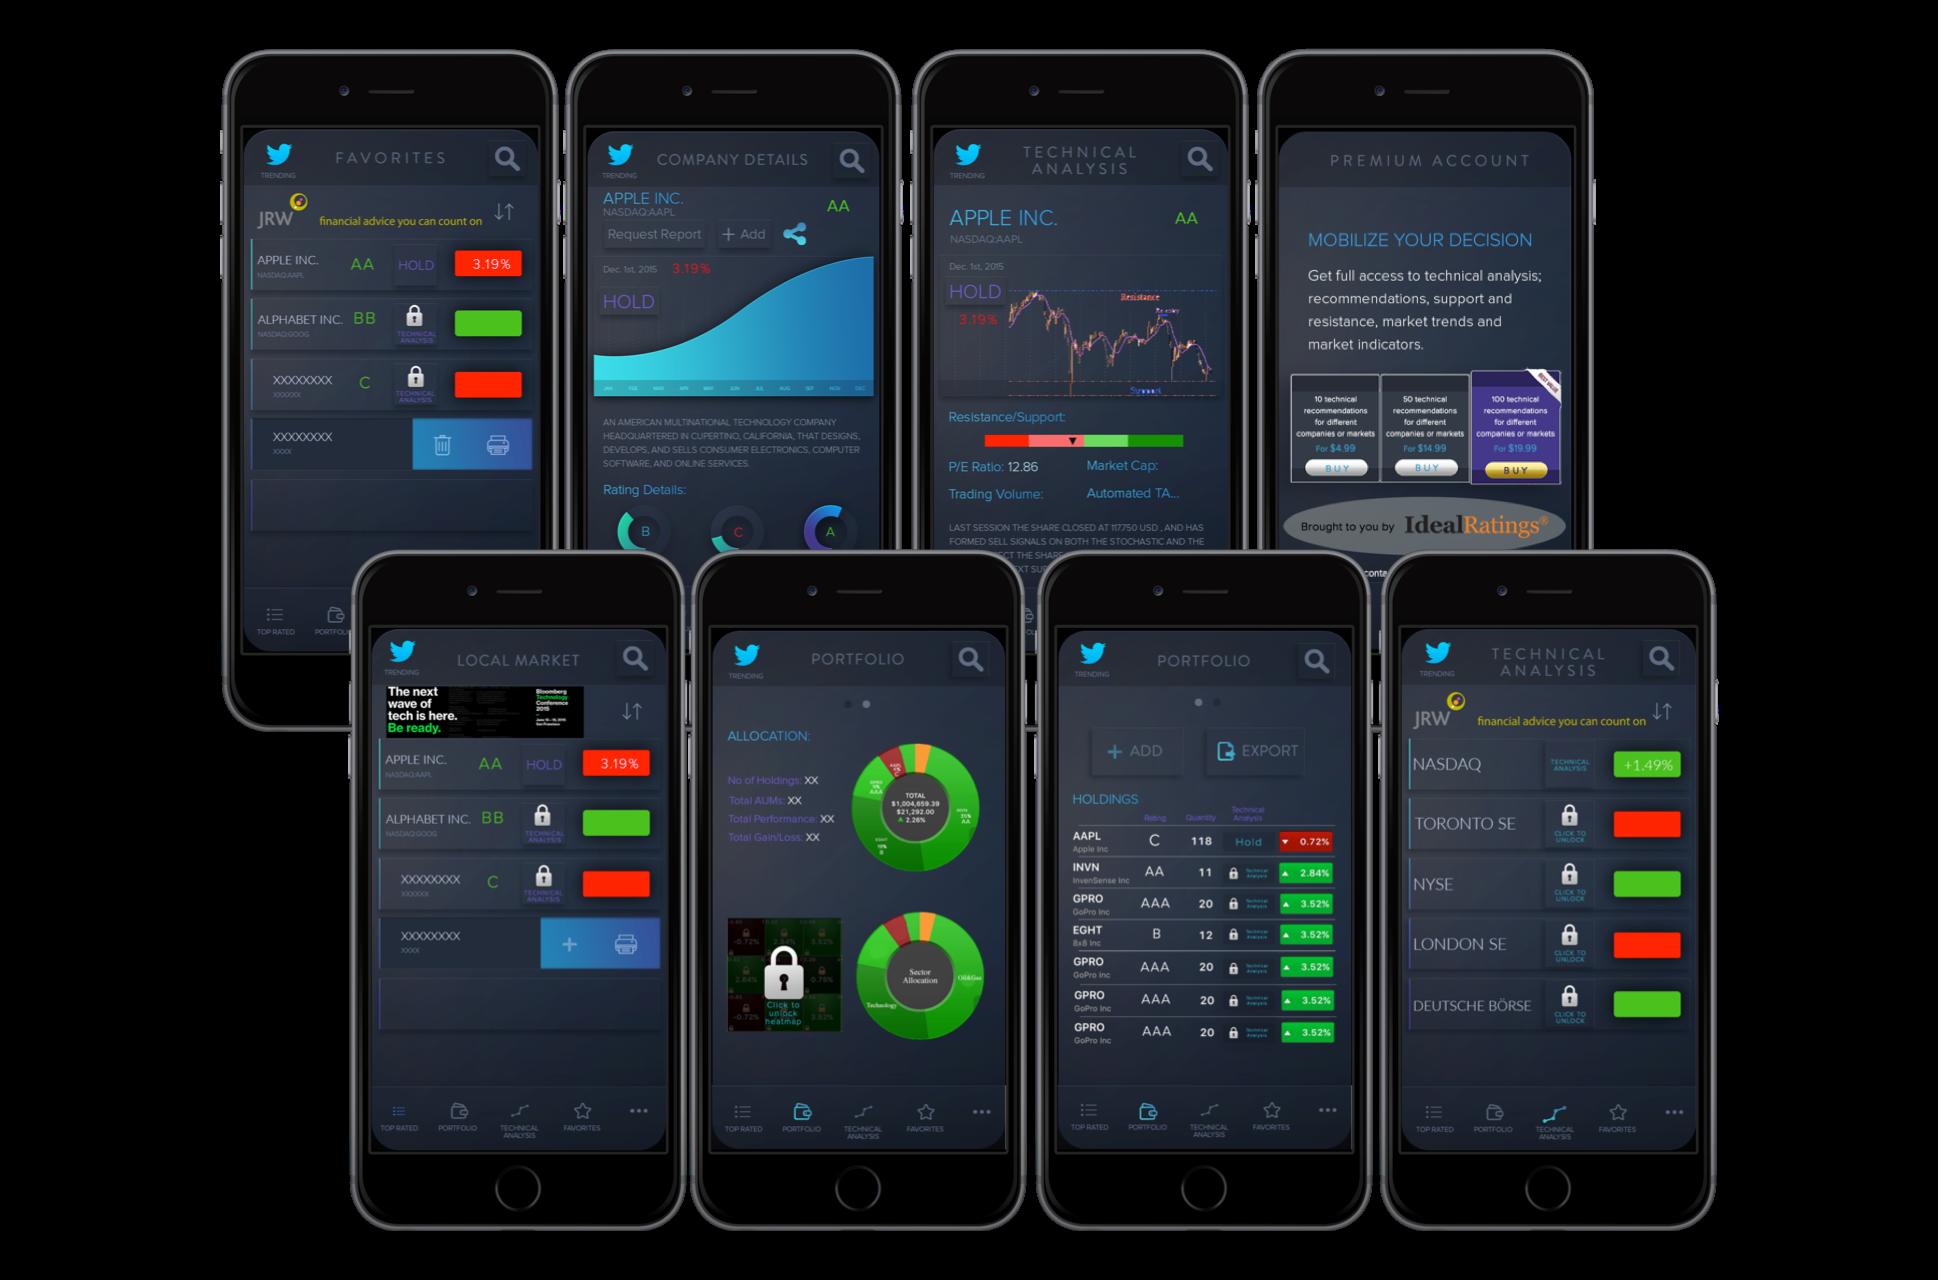 Islamic Investor Mobile app